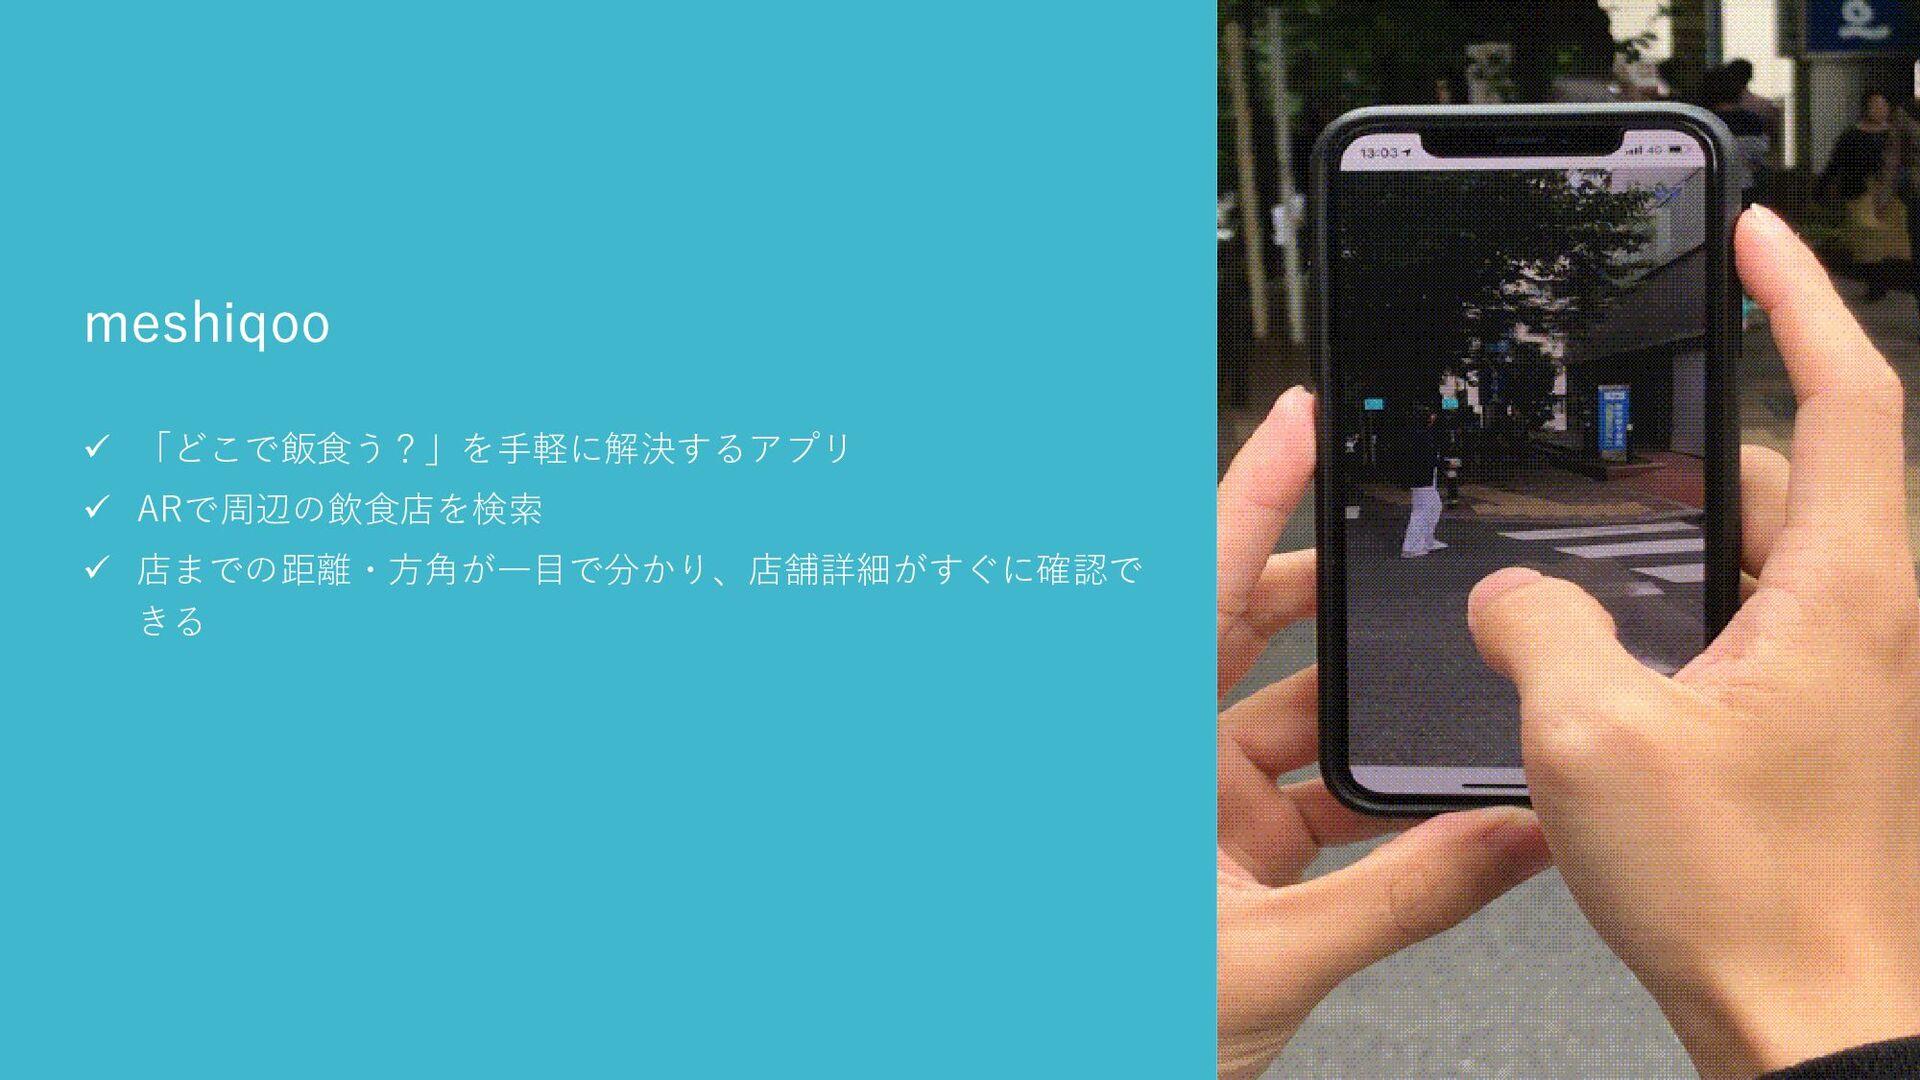 meshiqoo ü 「どこで飯⾷う?」を⼿軽に解決するアプリ ü ARで周辺の飲⾷店を検索 ...